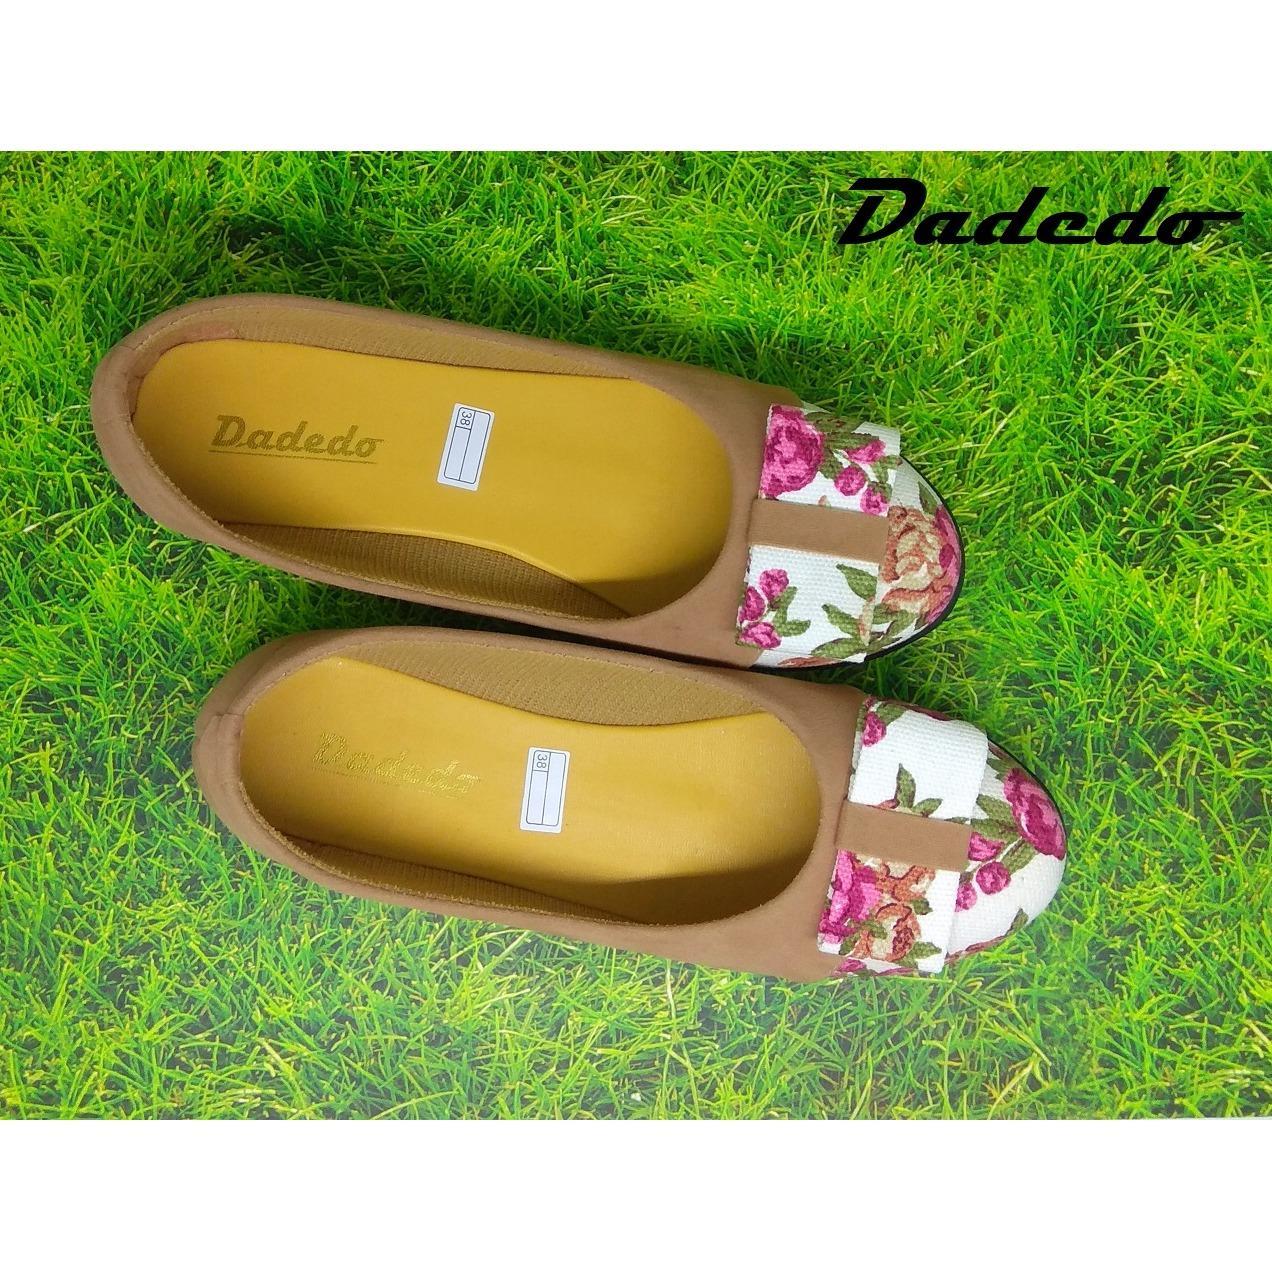 ... dadedo flat shoes FLOWER w-MILO ...